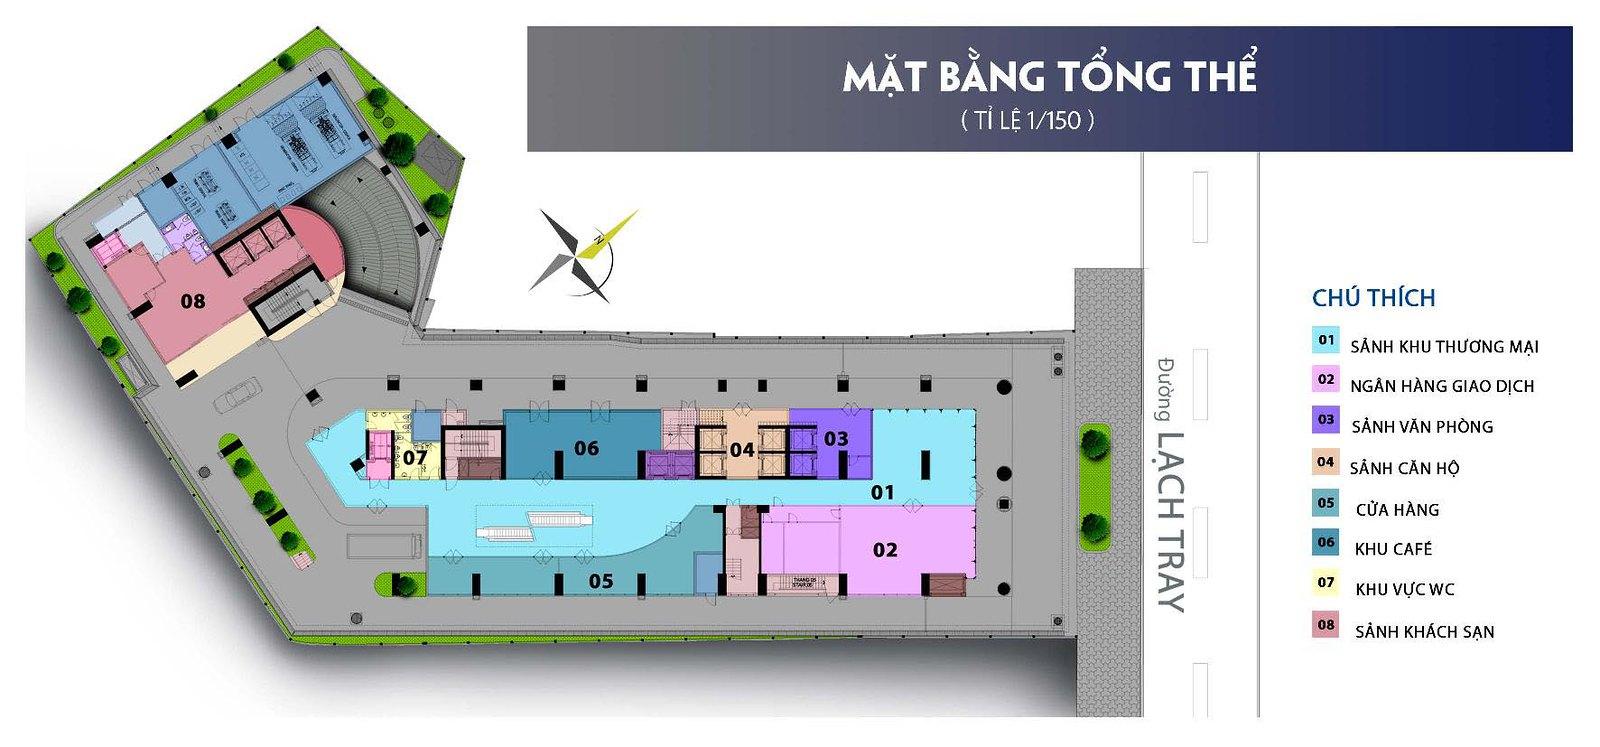 """SHP Plaza cho thuê căn hộ - Không gian vị trí mặt bằng căn hộ cho thuê  <img src=""""images/"""" width="""""""" height="""""""" alt=""""Công ty Bất Động Sản Tanlong Land"""">"""